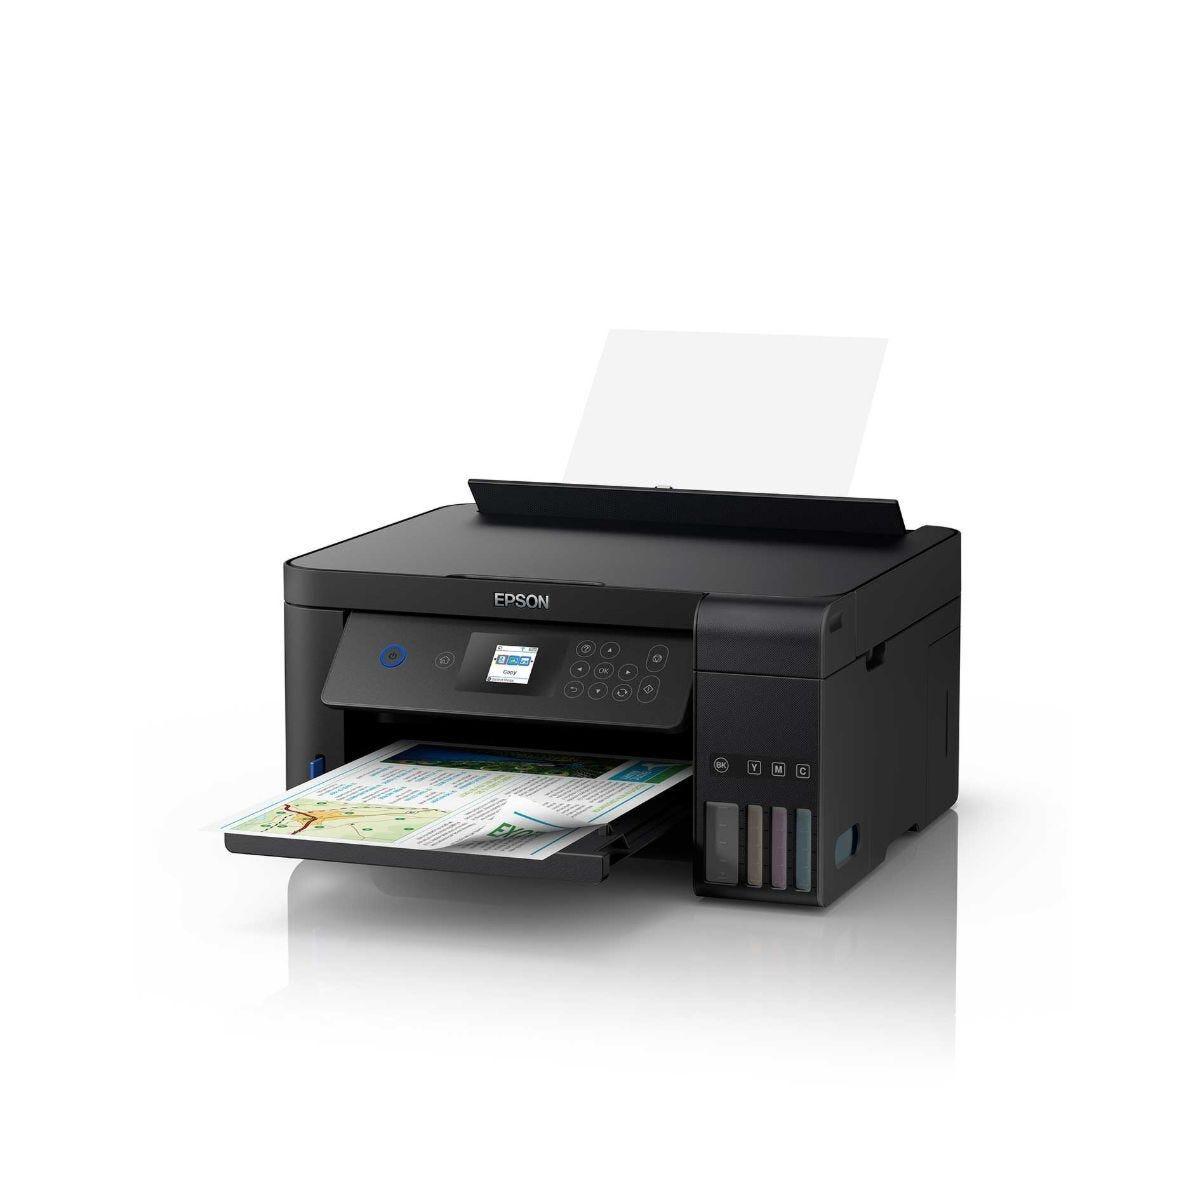 Epson EcoTank ET-2750 All in One Wireless Inkjet Printer